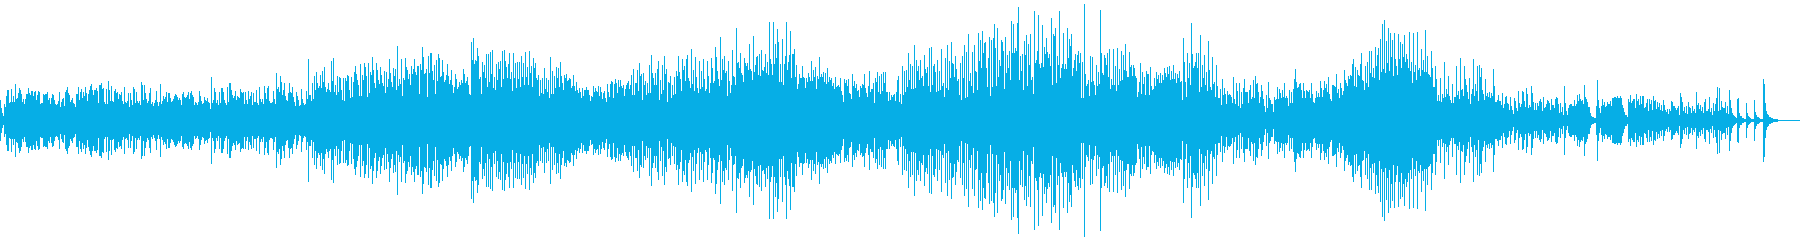 正月 琴 ソロ 和風 春 日本風の再生済みの波形